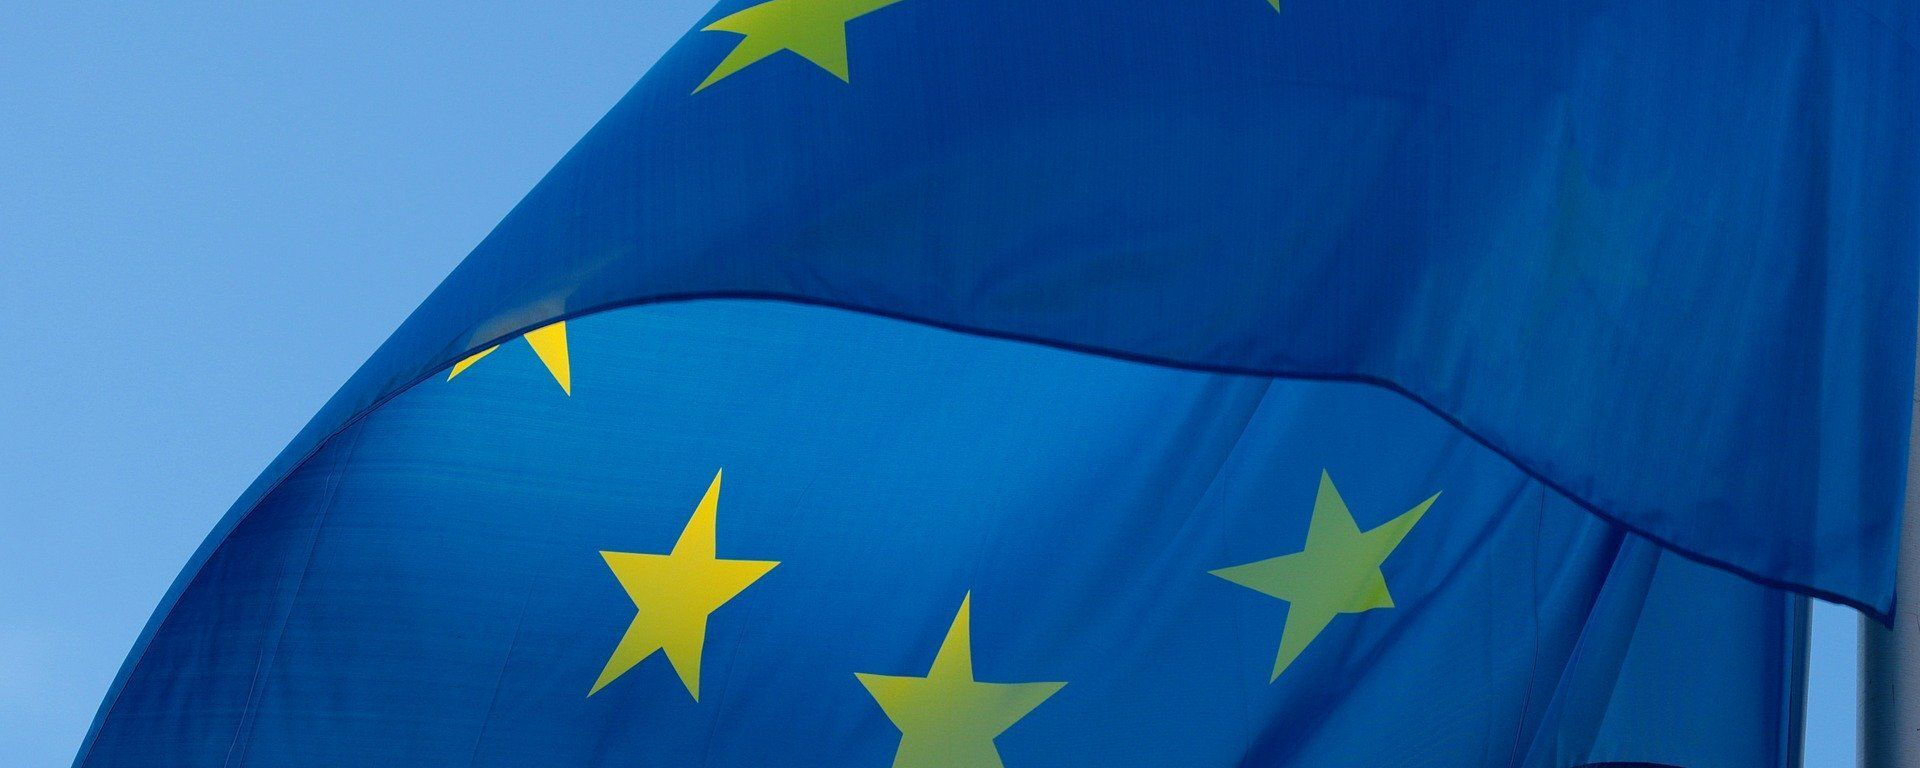 Bandera de la UE (imagen referencial) - Sputnik Mundo, 1920, 25.01.2021